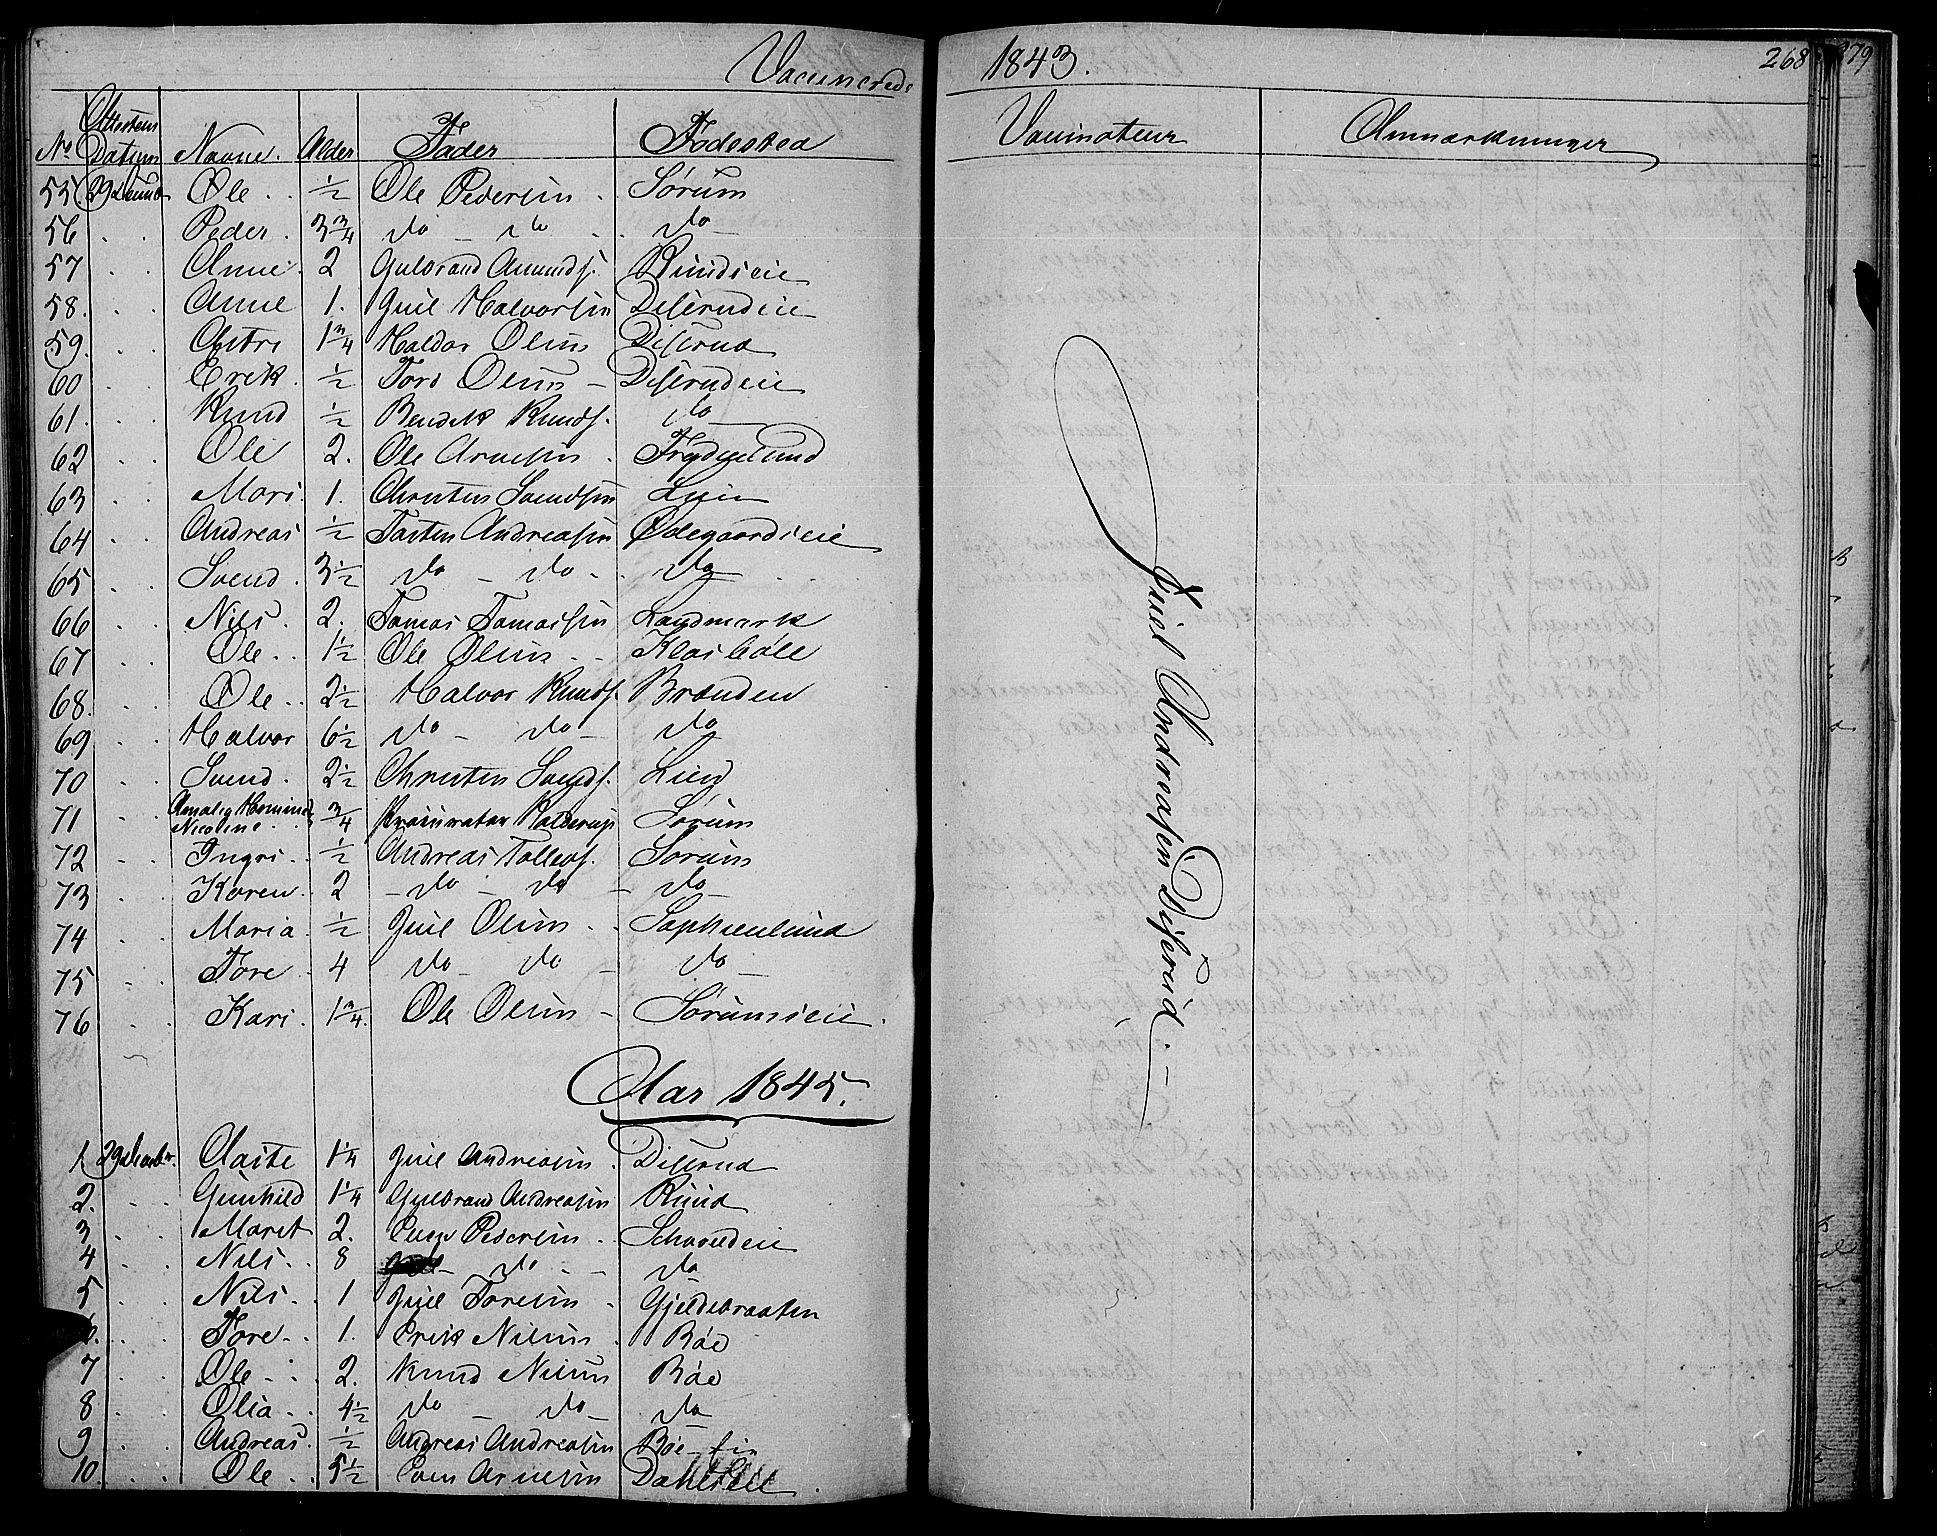 SAH, Nord-Aurdal prestekontor, Klokkerbok nr. 2, 1842-1877, s. 268